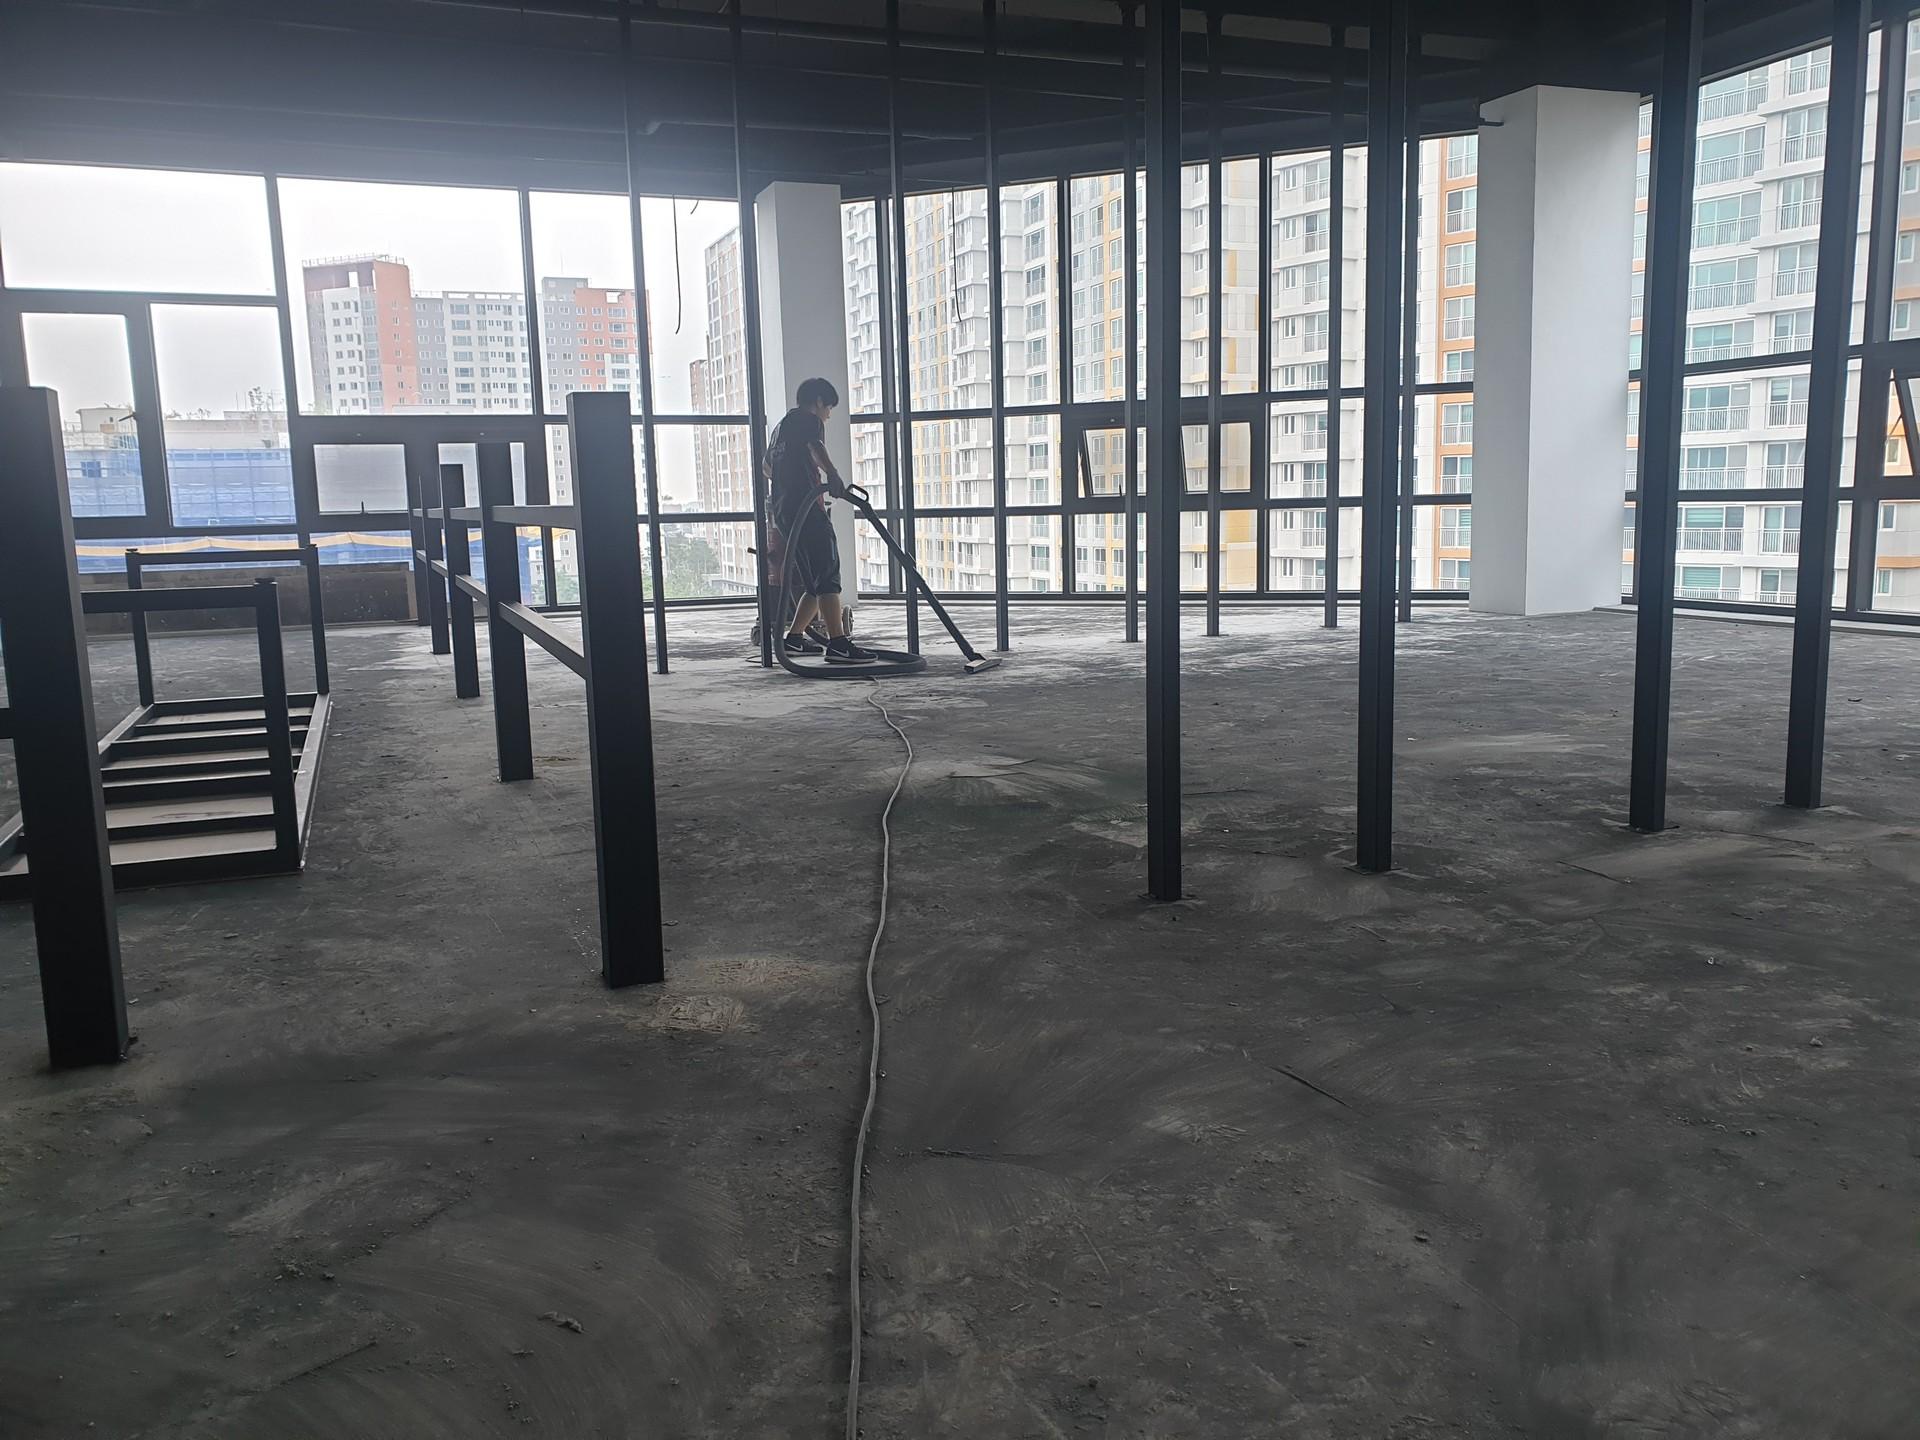 2)바닥상태 및 수평을 확인하고 깨끗하게 청소